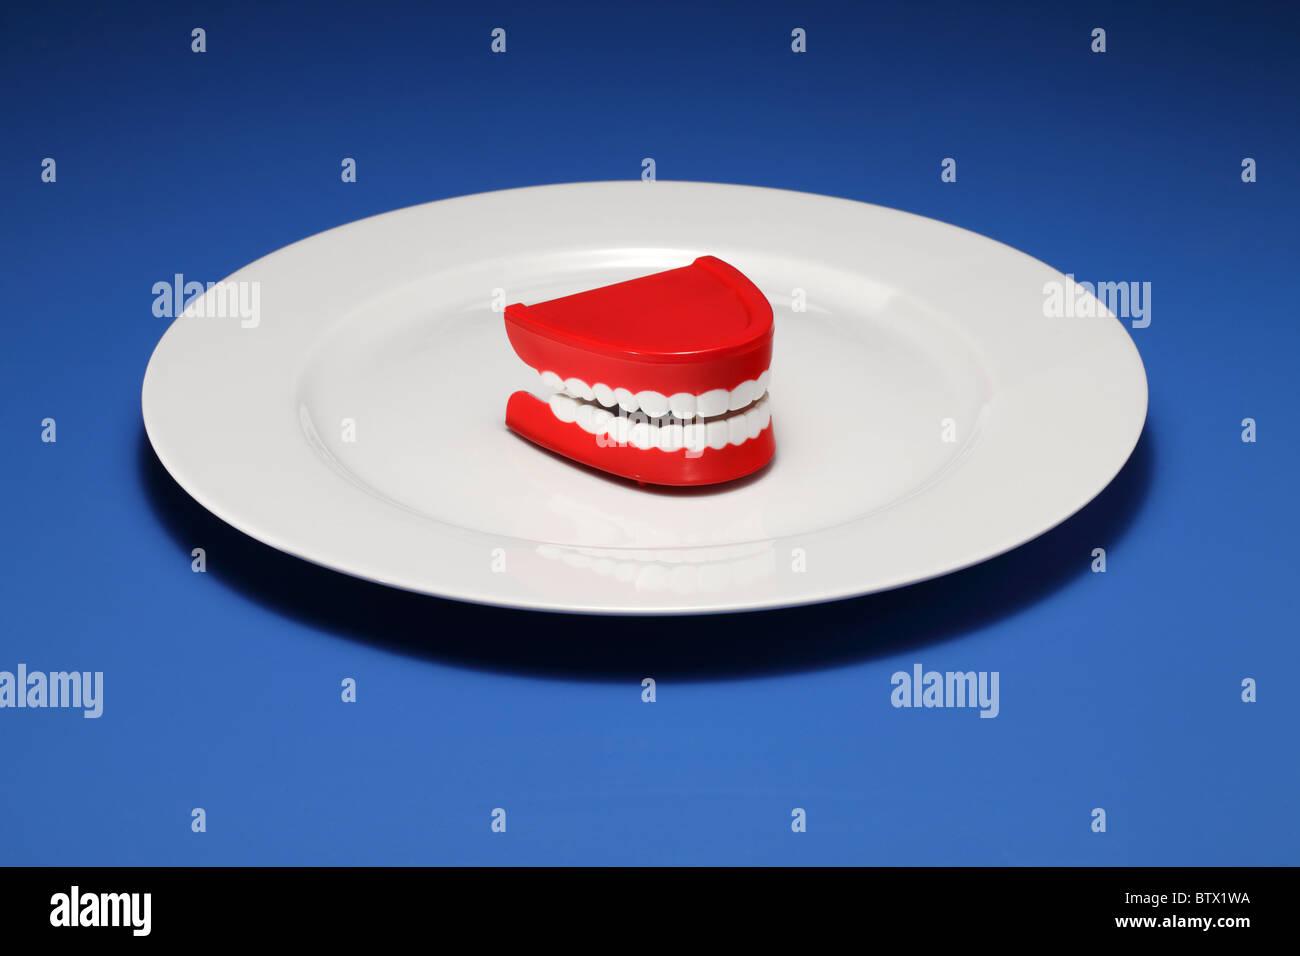 Un conjunto de dientes y encías de plástico sobre un plato blanco Imagen De Stock